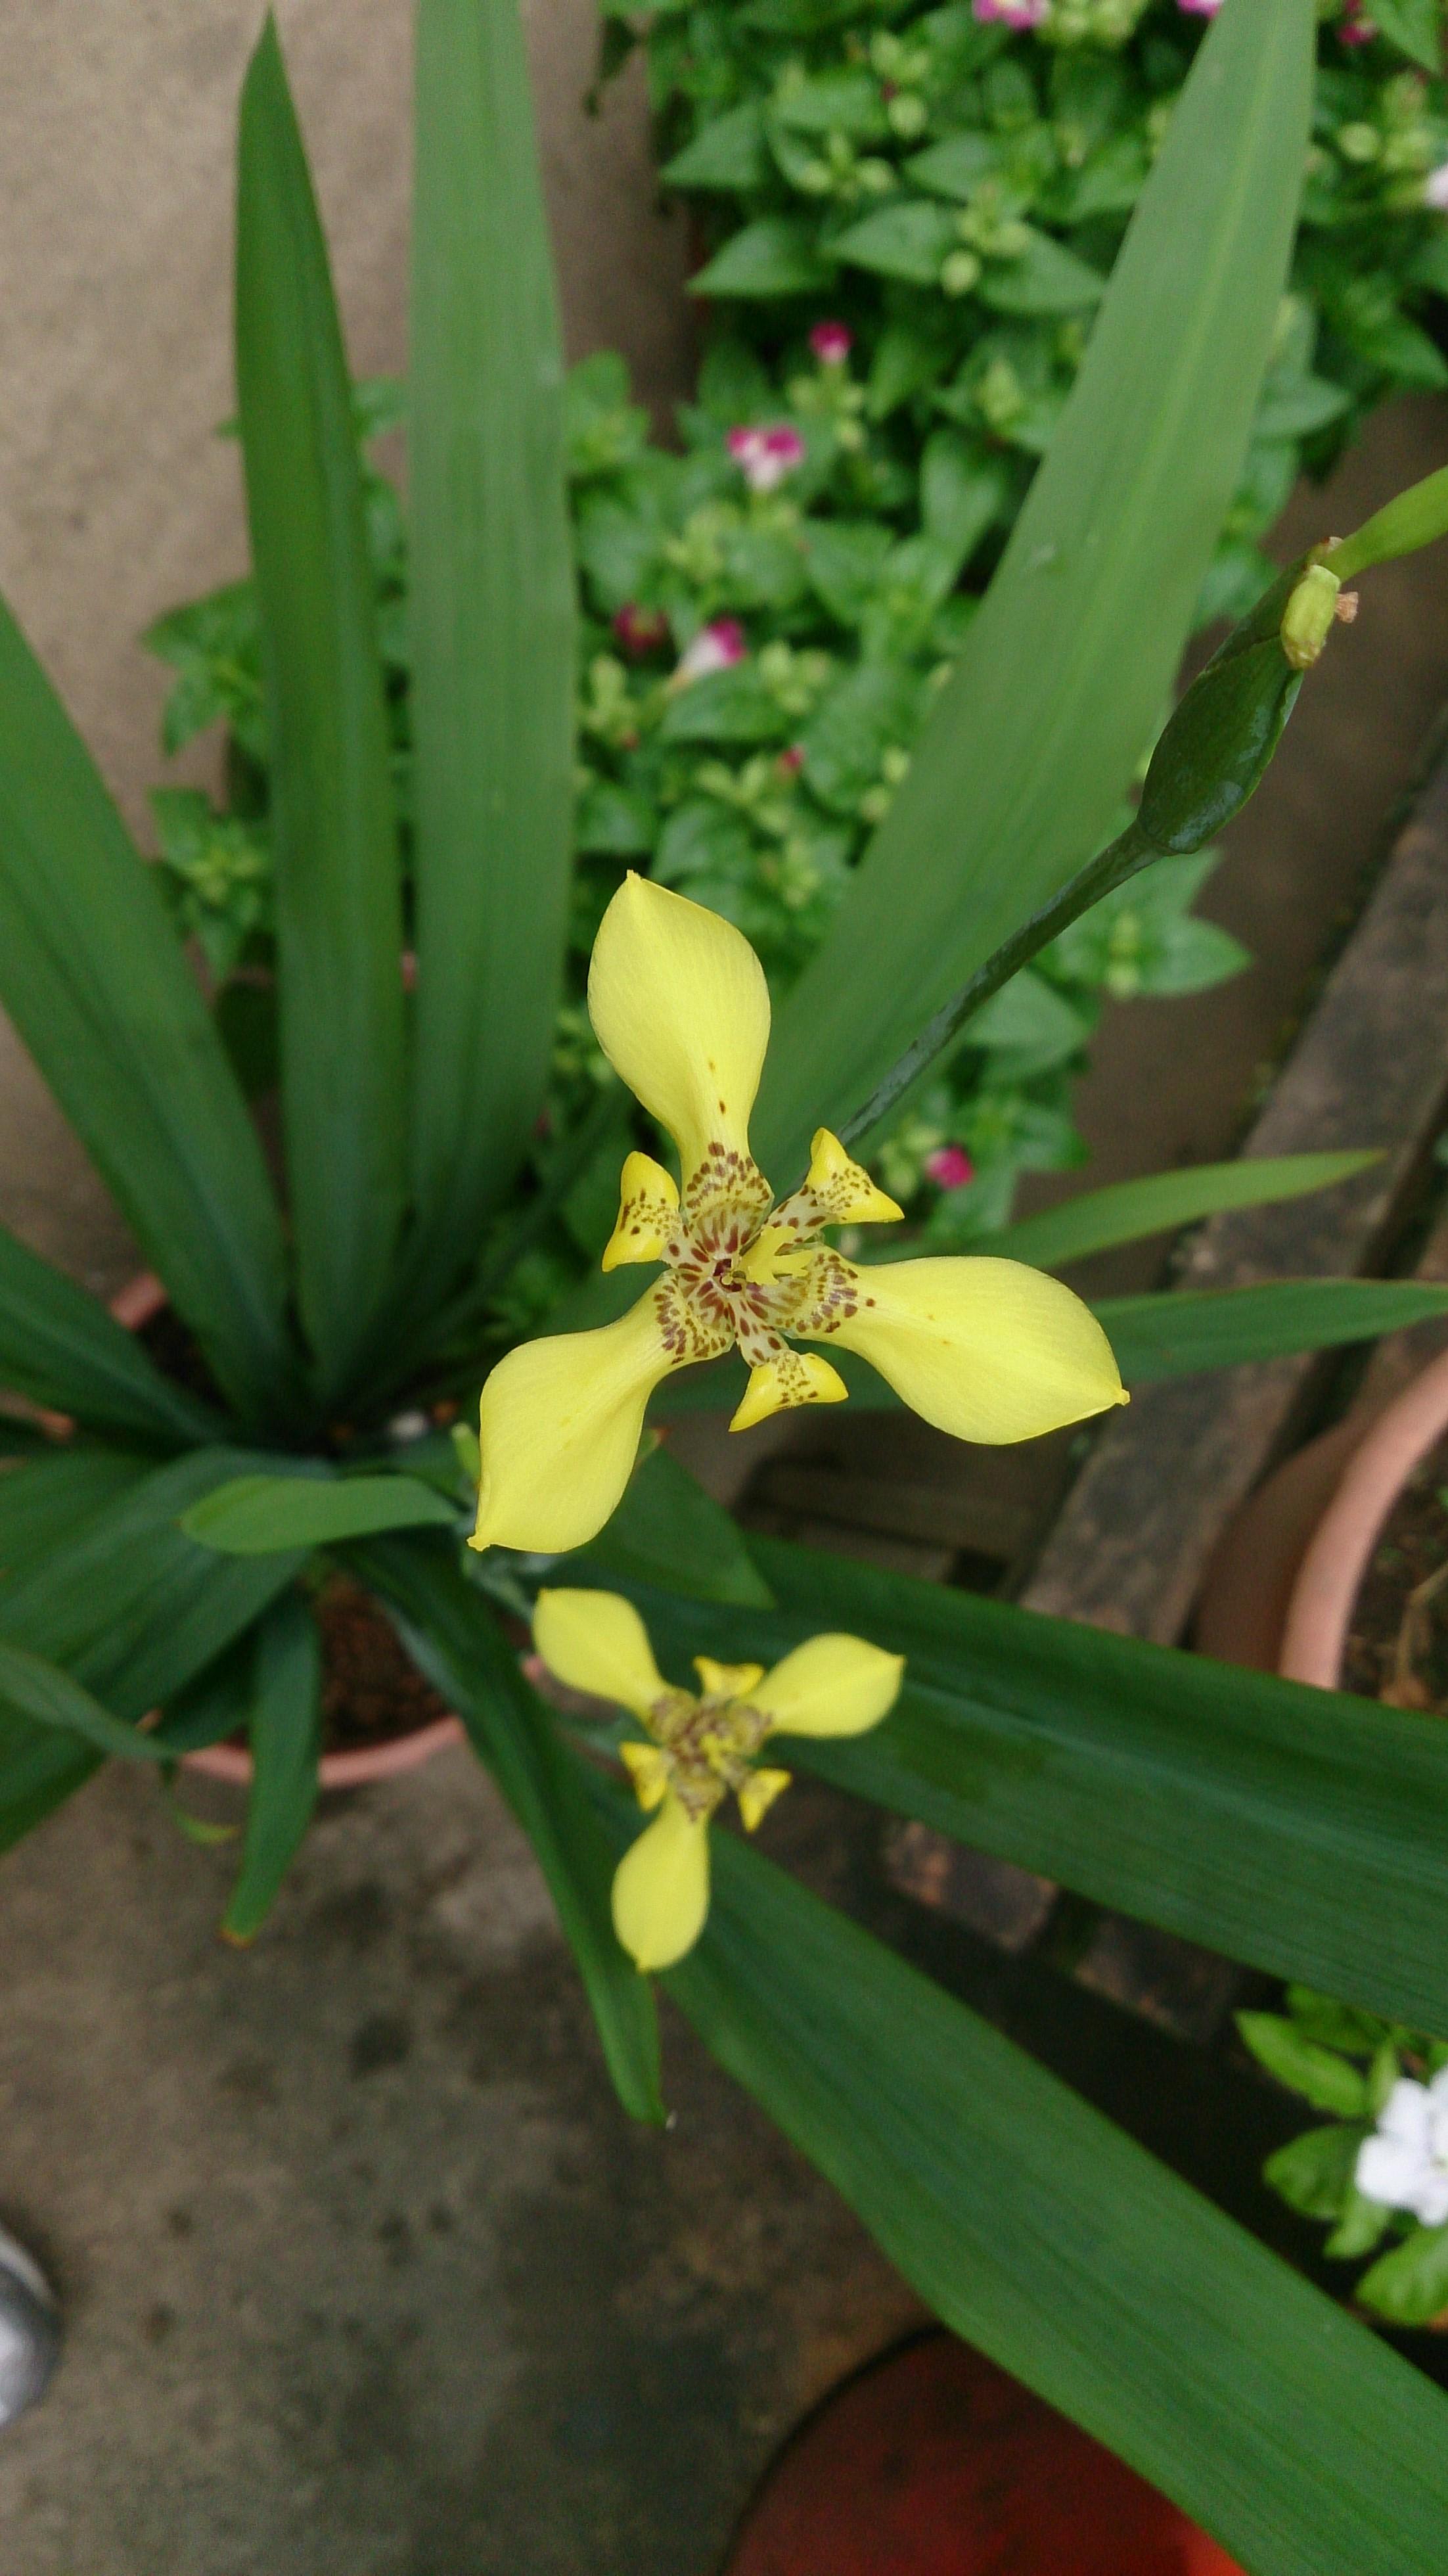 Fileyellow walking iris trimezia steyermarkiig wikimedia commons fileyellow walking iris trimezia steyermarkiig izmirmasajfo